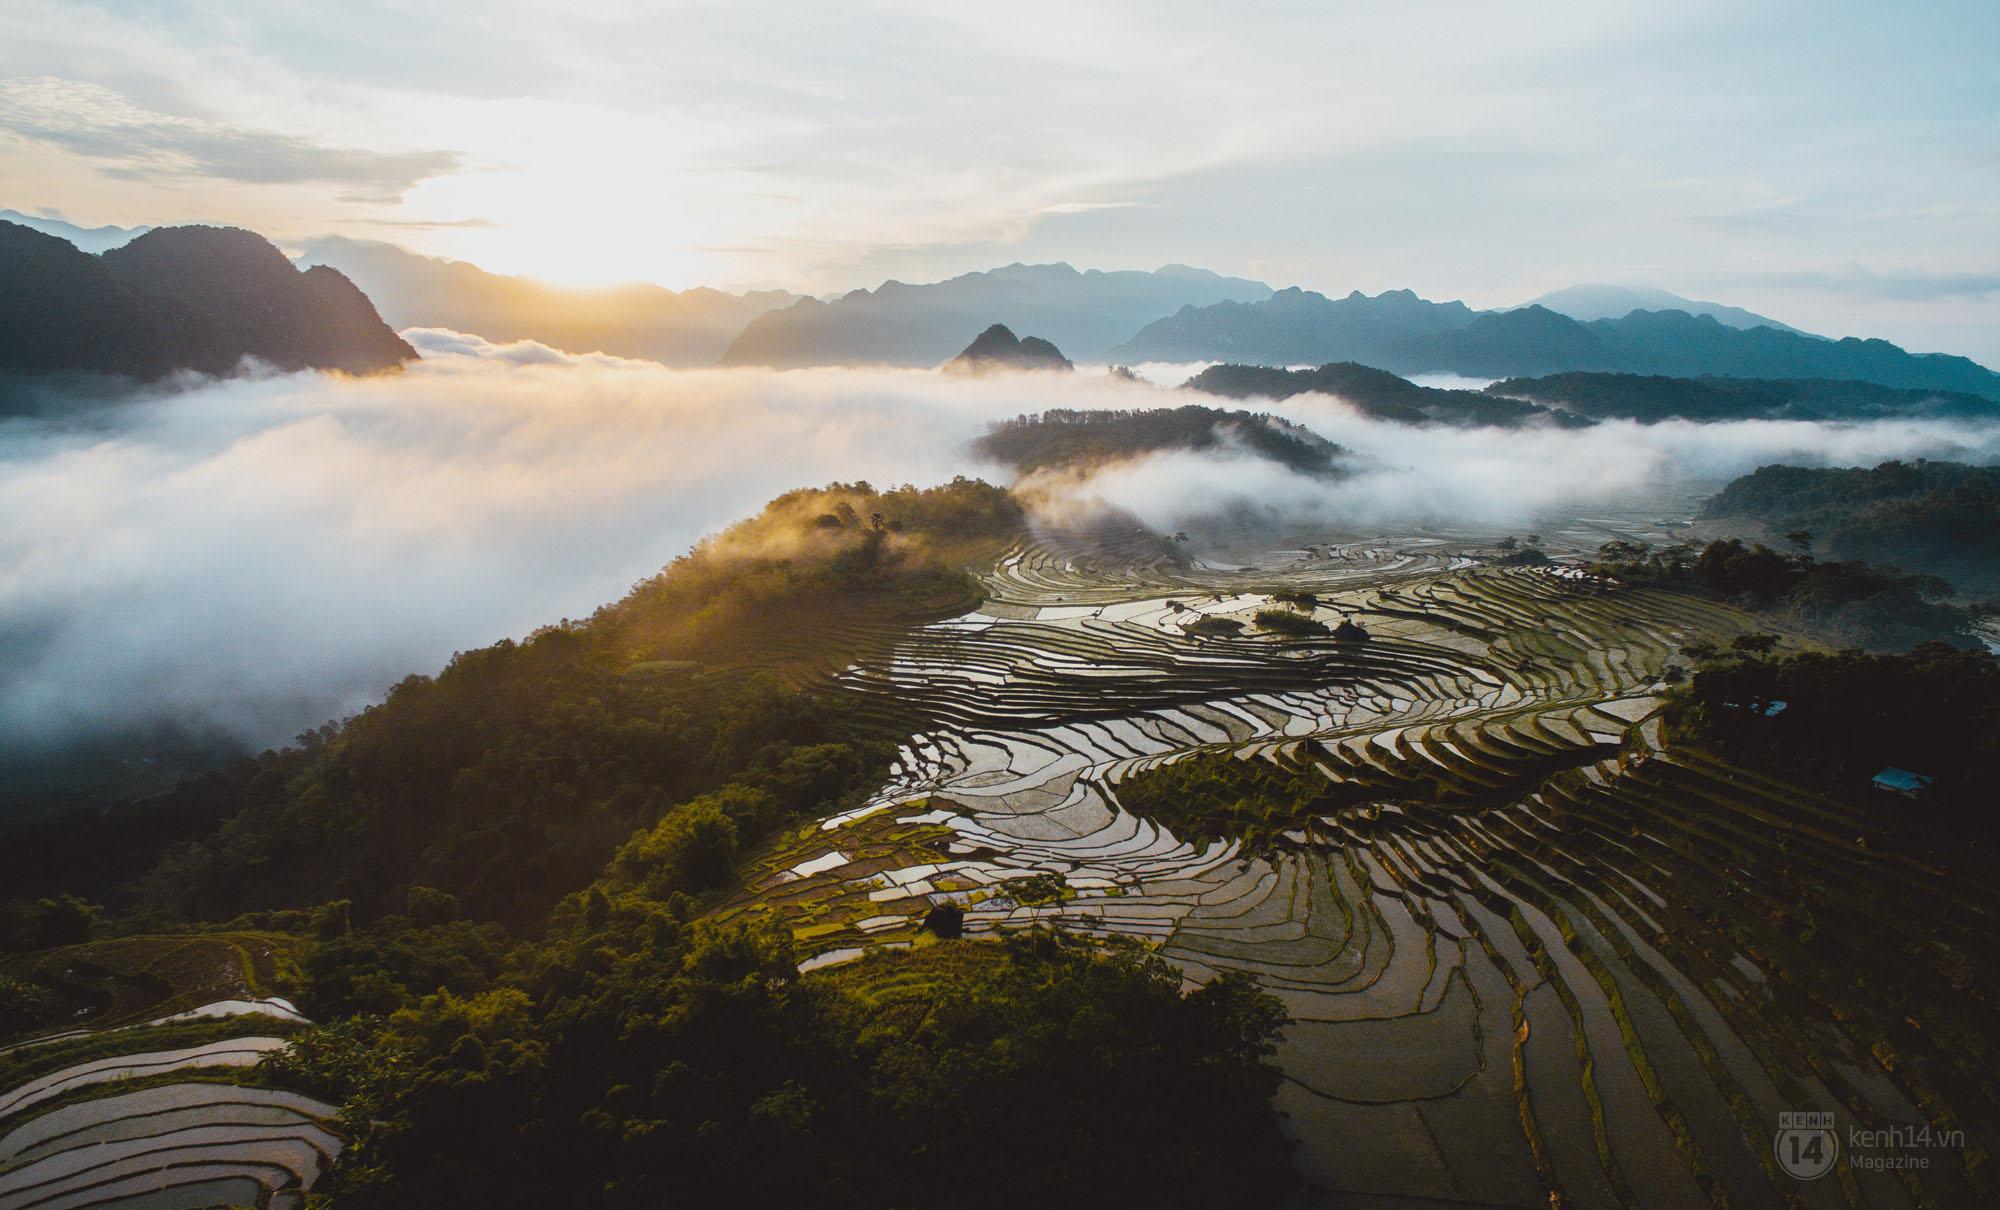 Làm gì để đi tới Pù Luông hấp dẫn - tiết kiệm